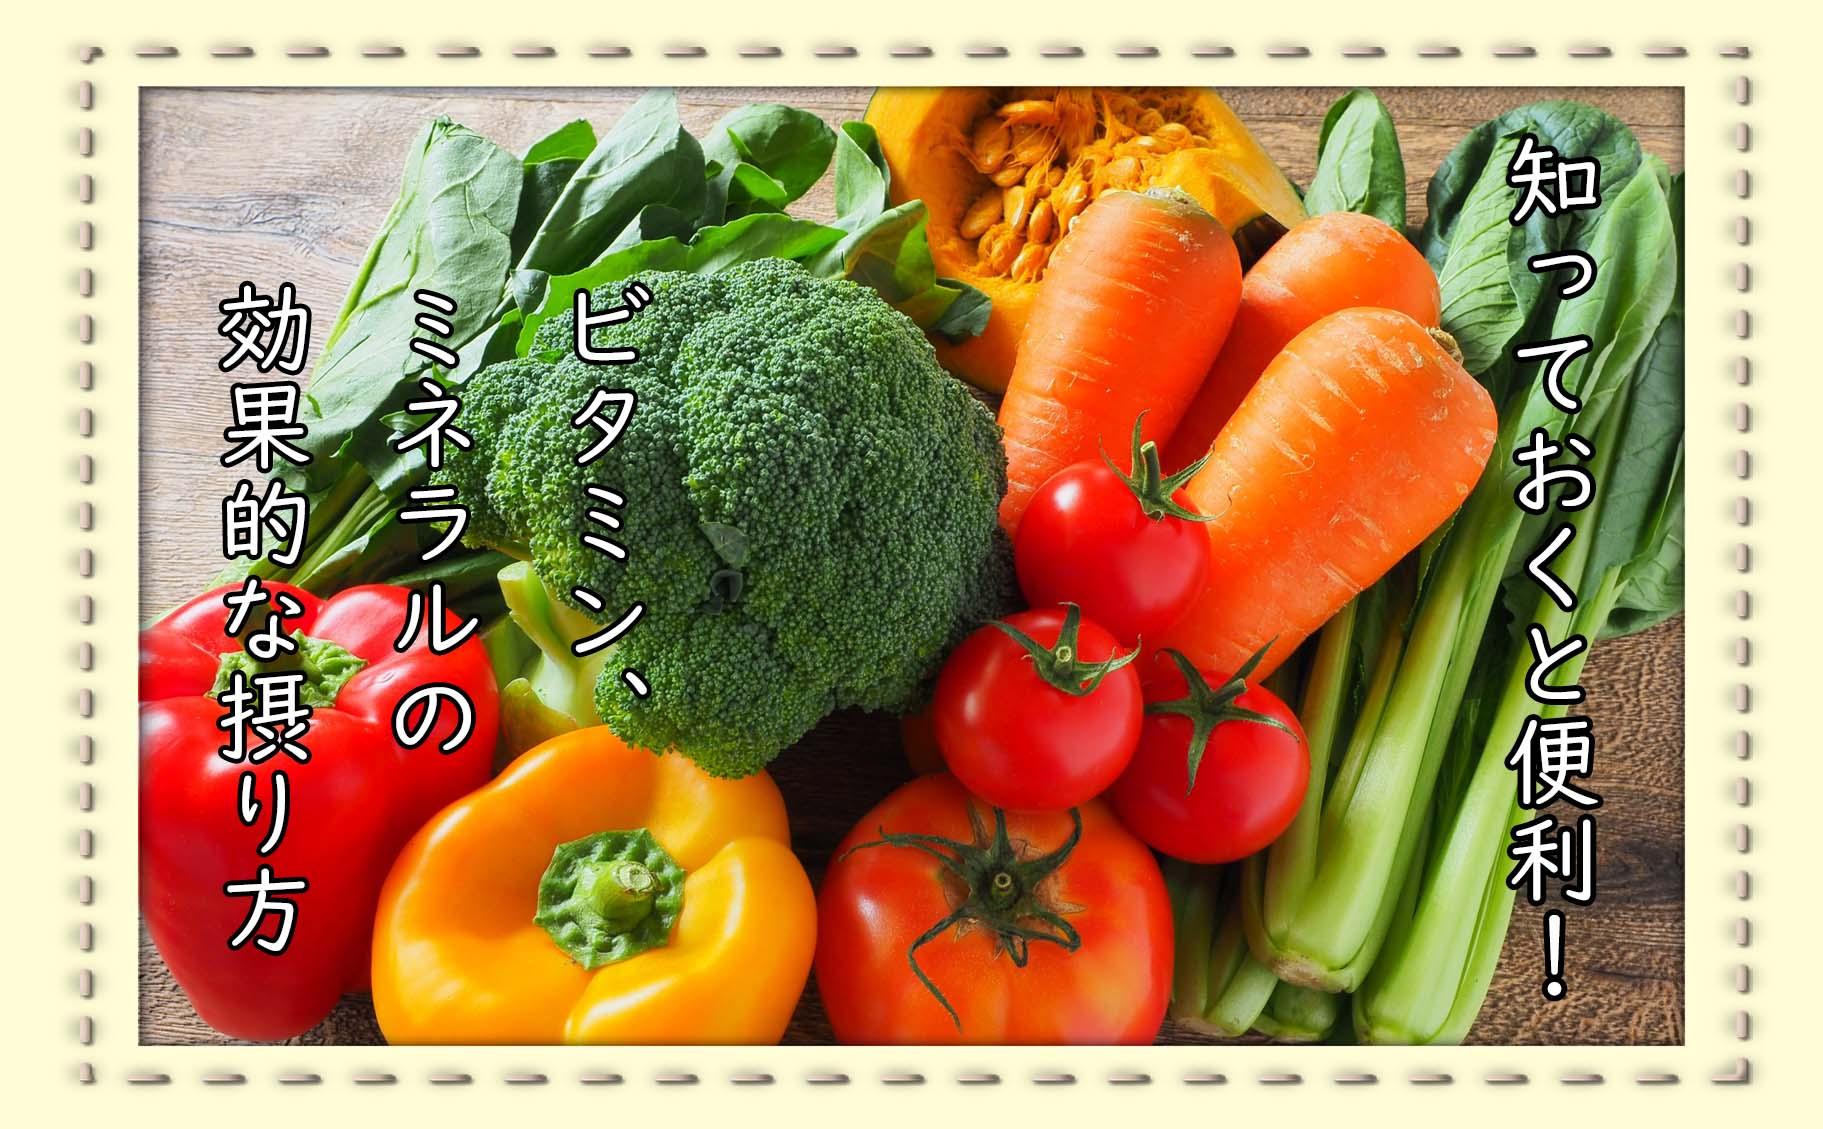 効果的な栄養素の摂り方